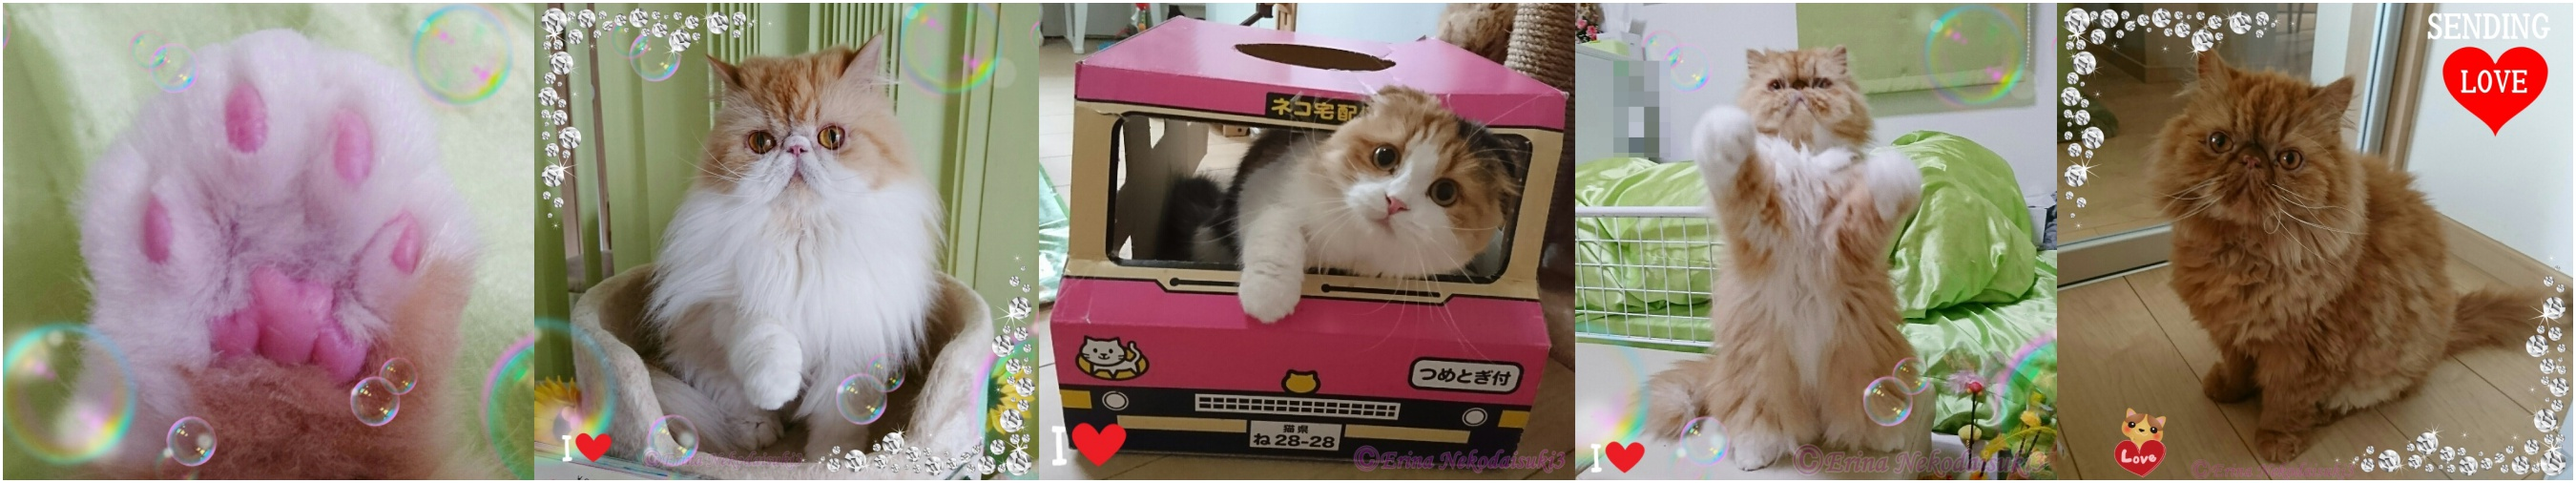 猫川柳で詠む愛猫との楽しい暮らし